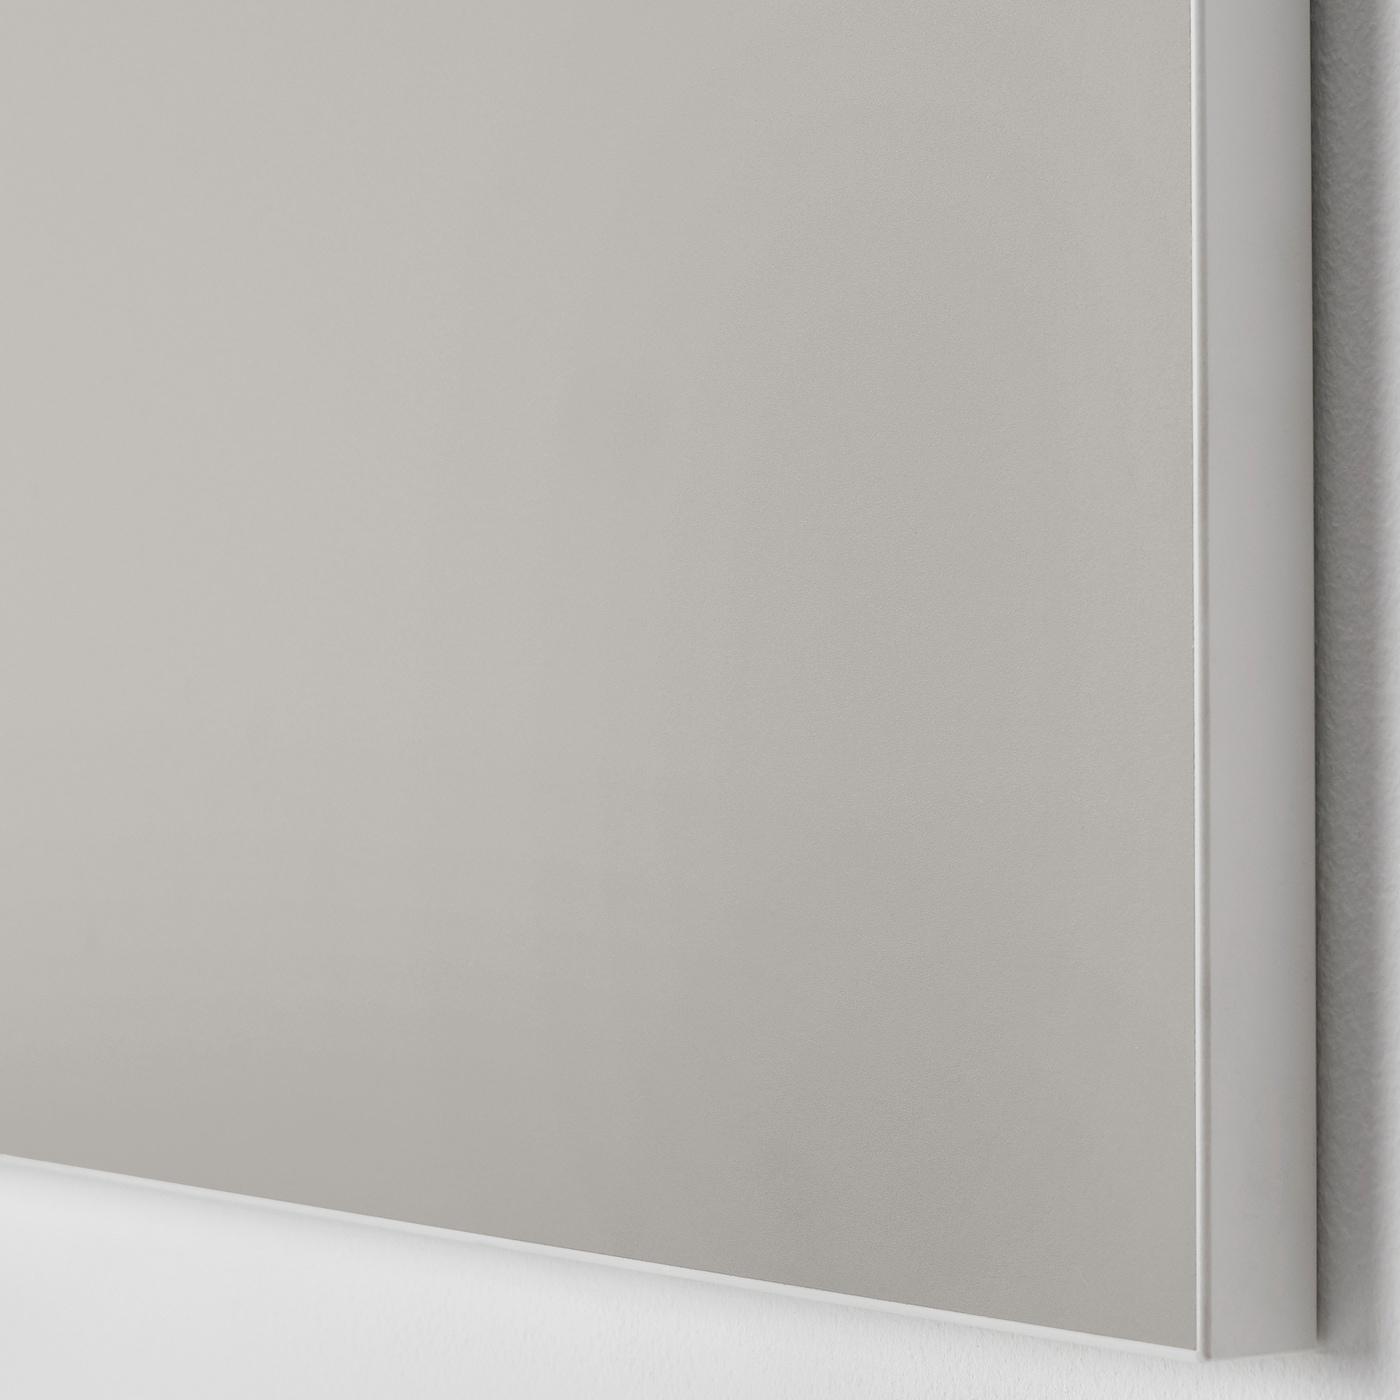 SKATVAL dvere svetlosivá 60.0 cm 60.0 cm